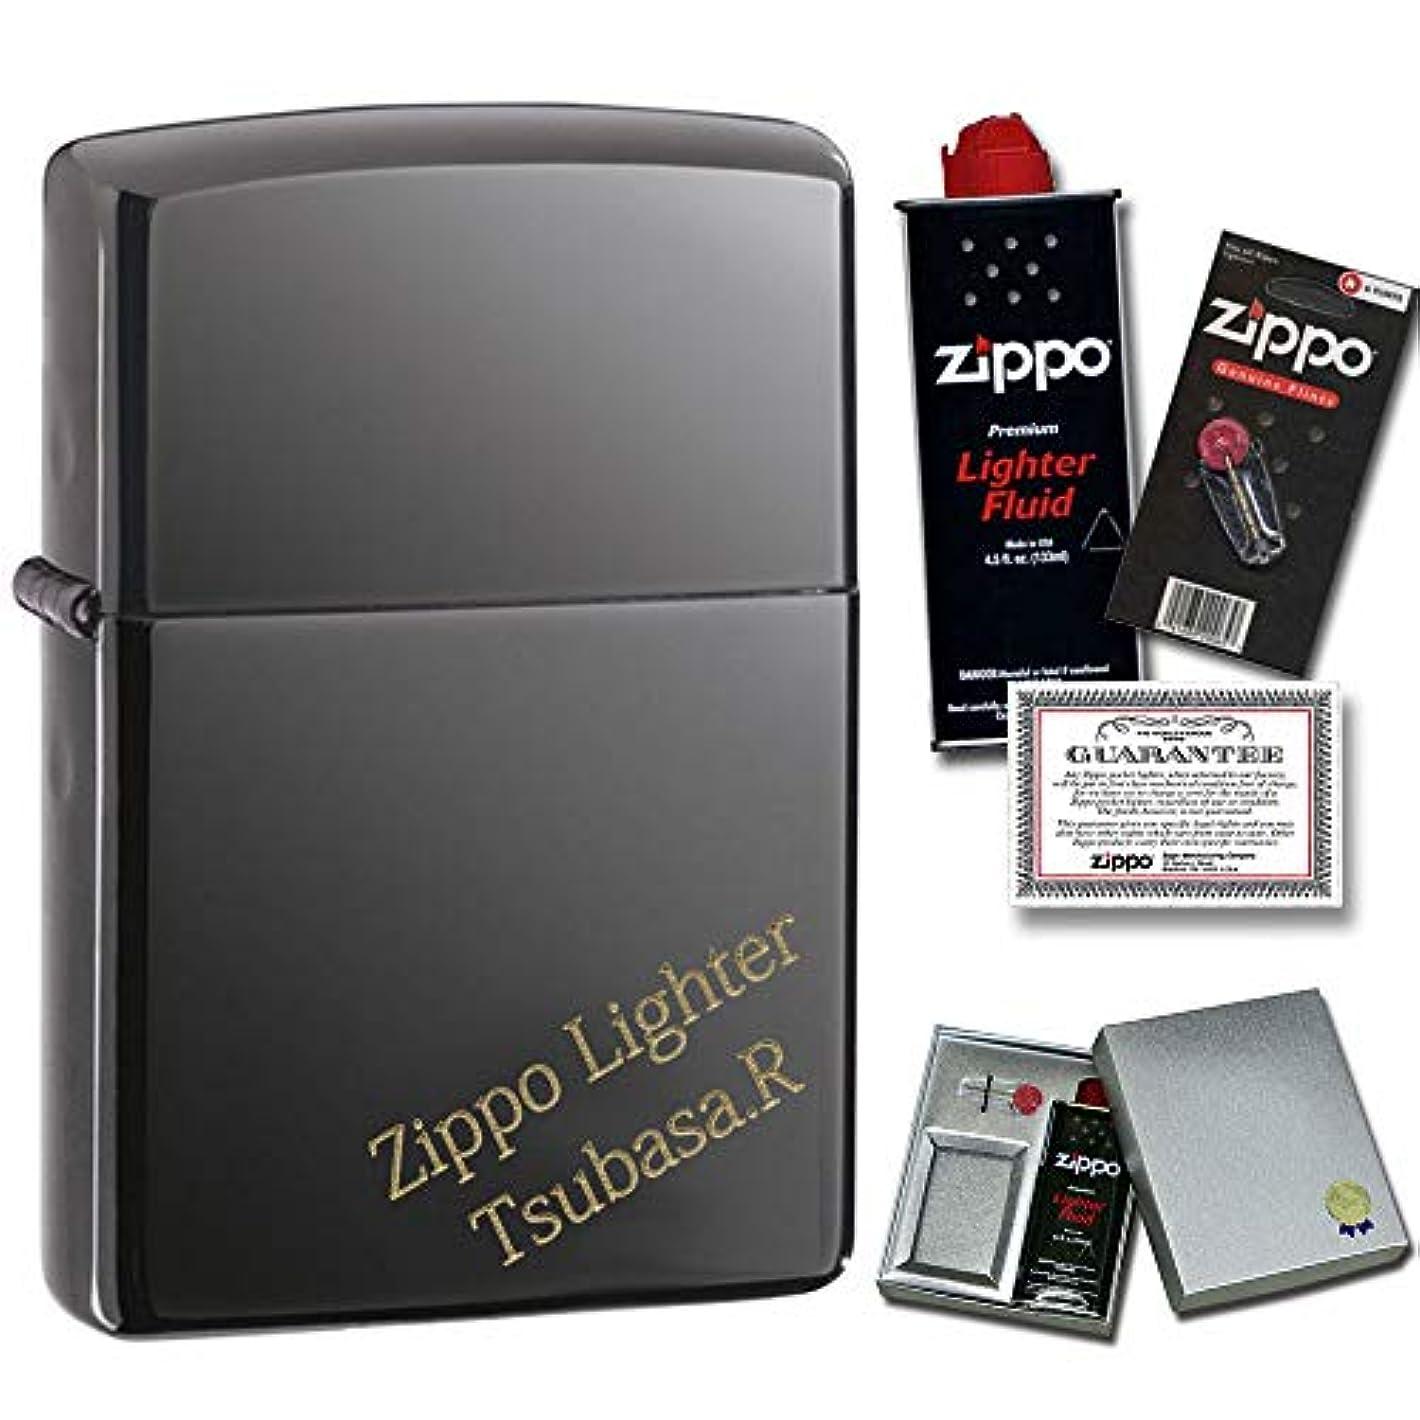 邪魔メールを書く仮定する名入れ 彫刻 ZIPPO ライター 消耗品付き(オイル&替え石) ギフトセット #150 ブラックアイス 永久保証